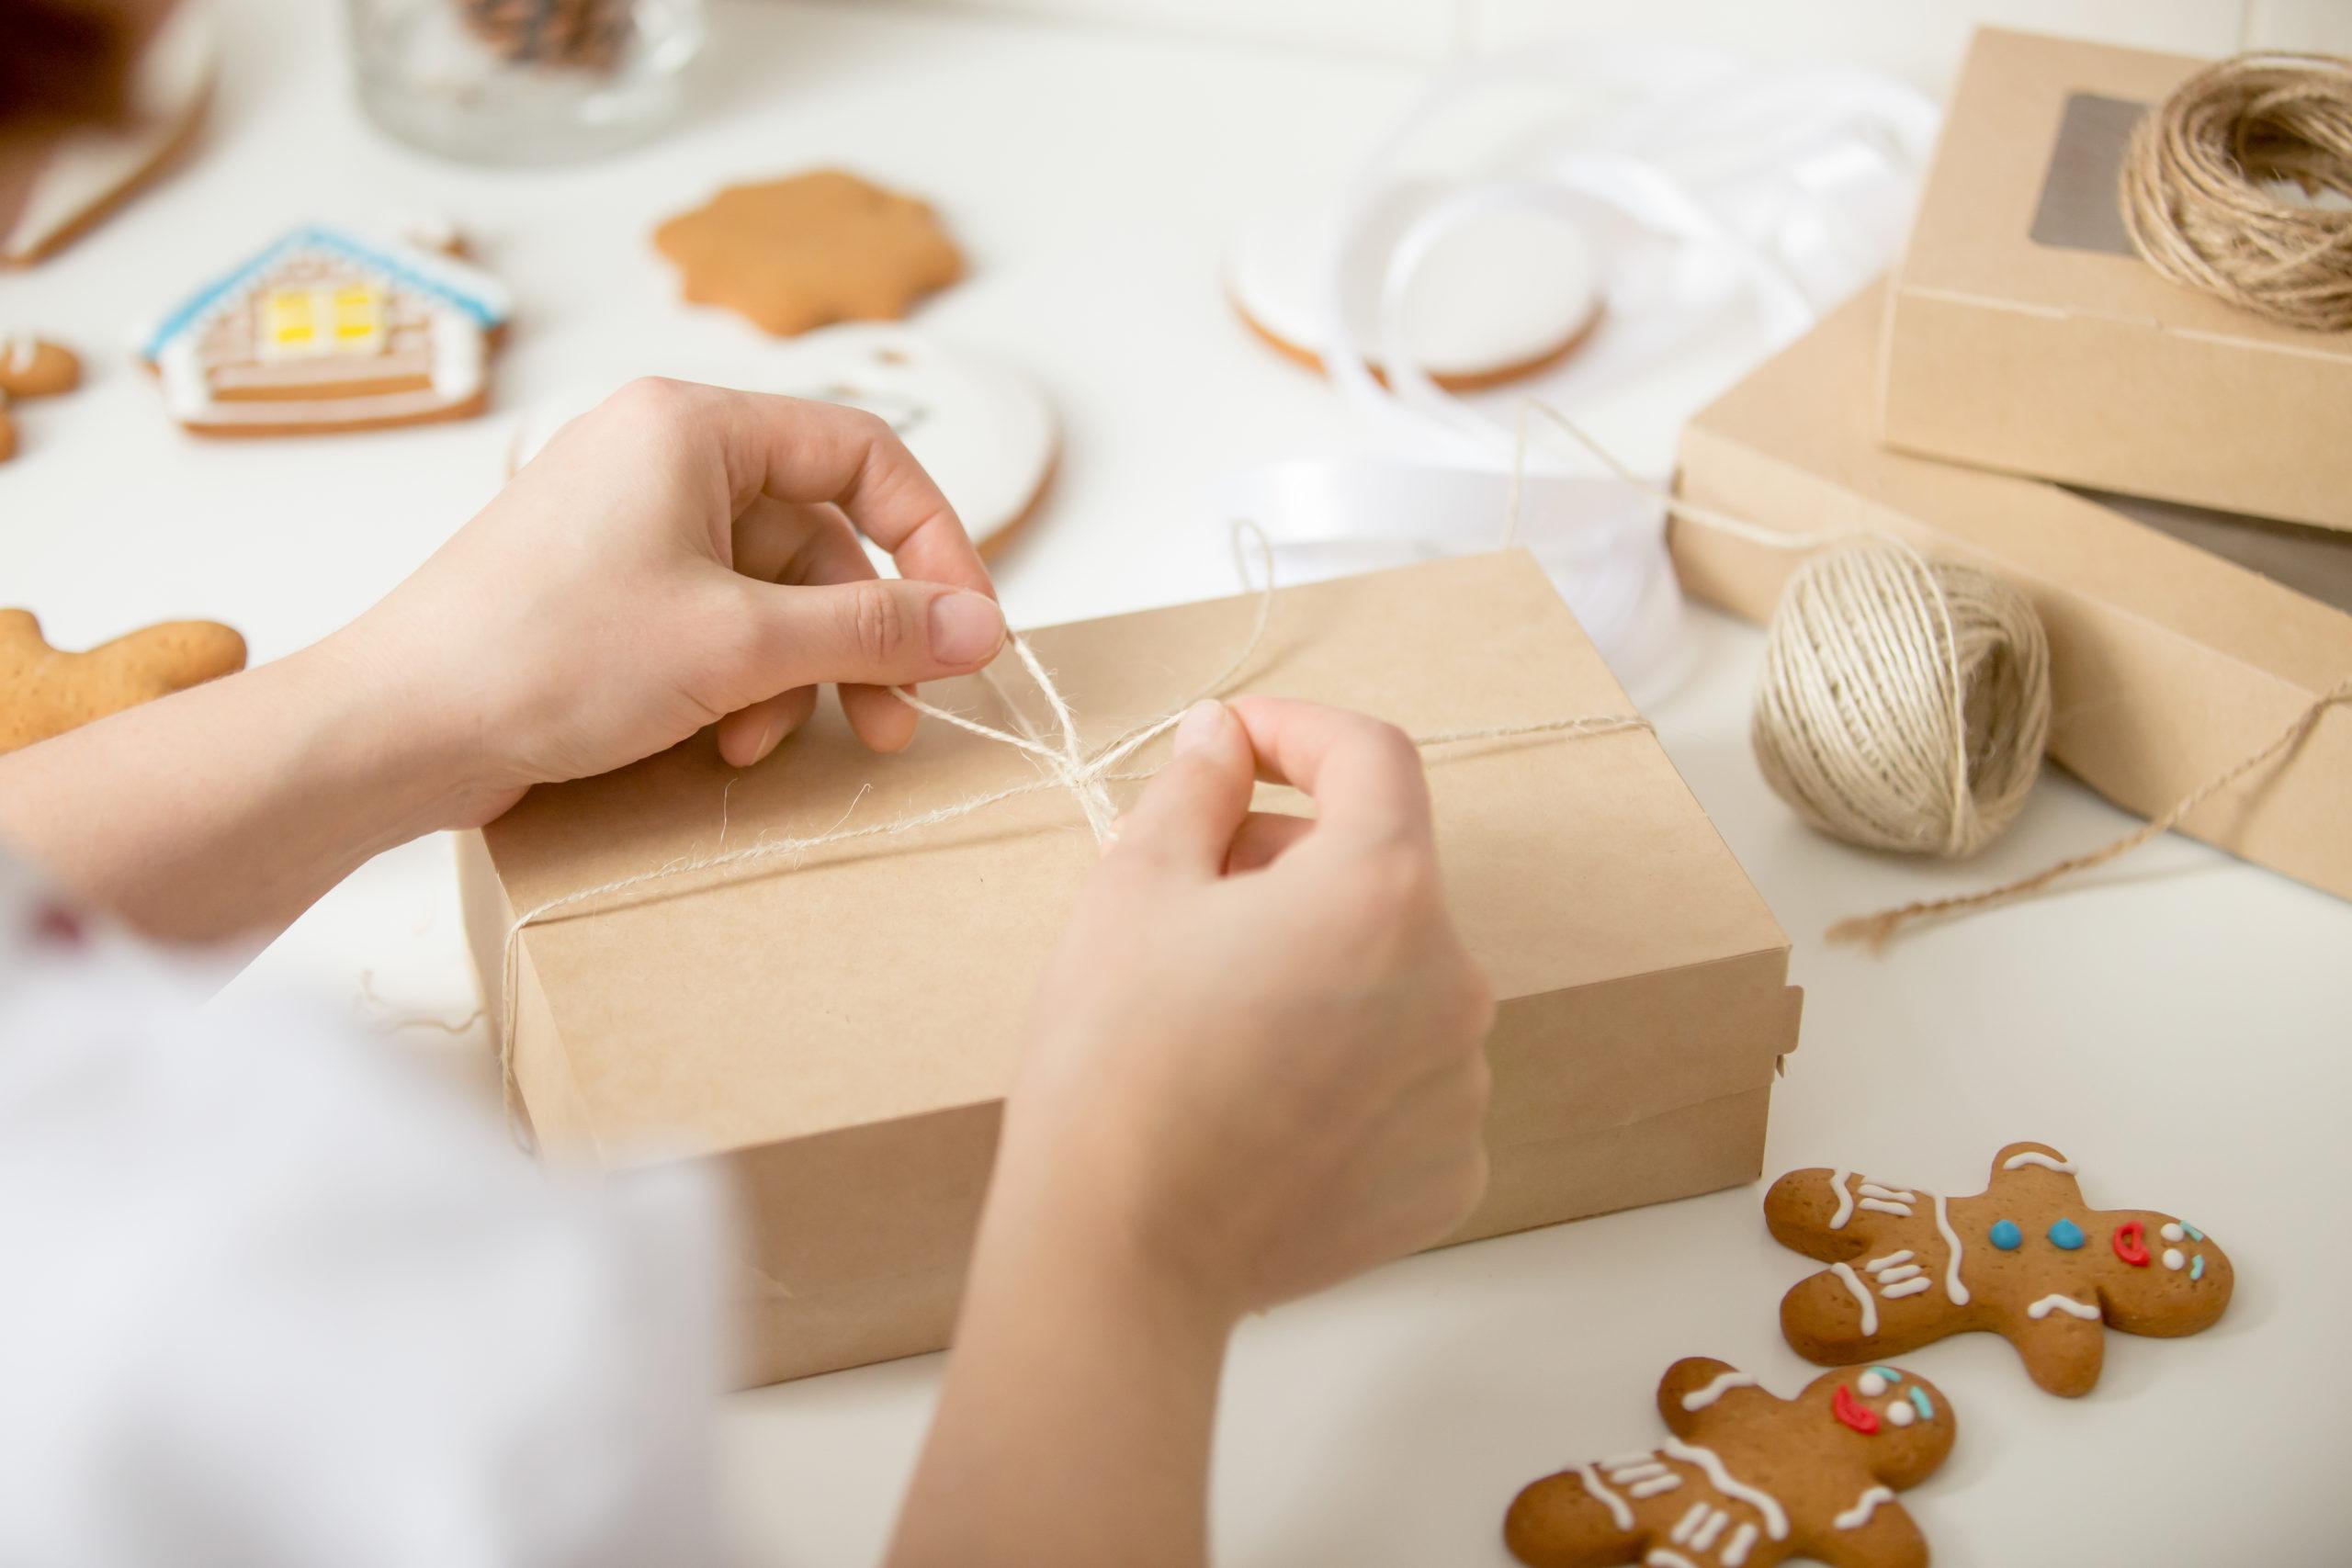 Femme réalisant un emballage pour restauration rapide